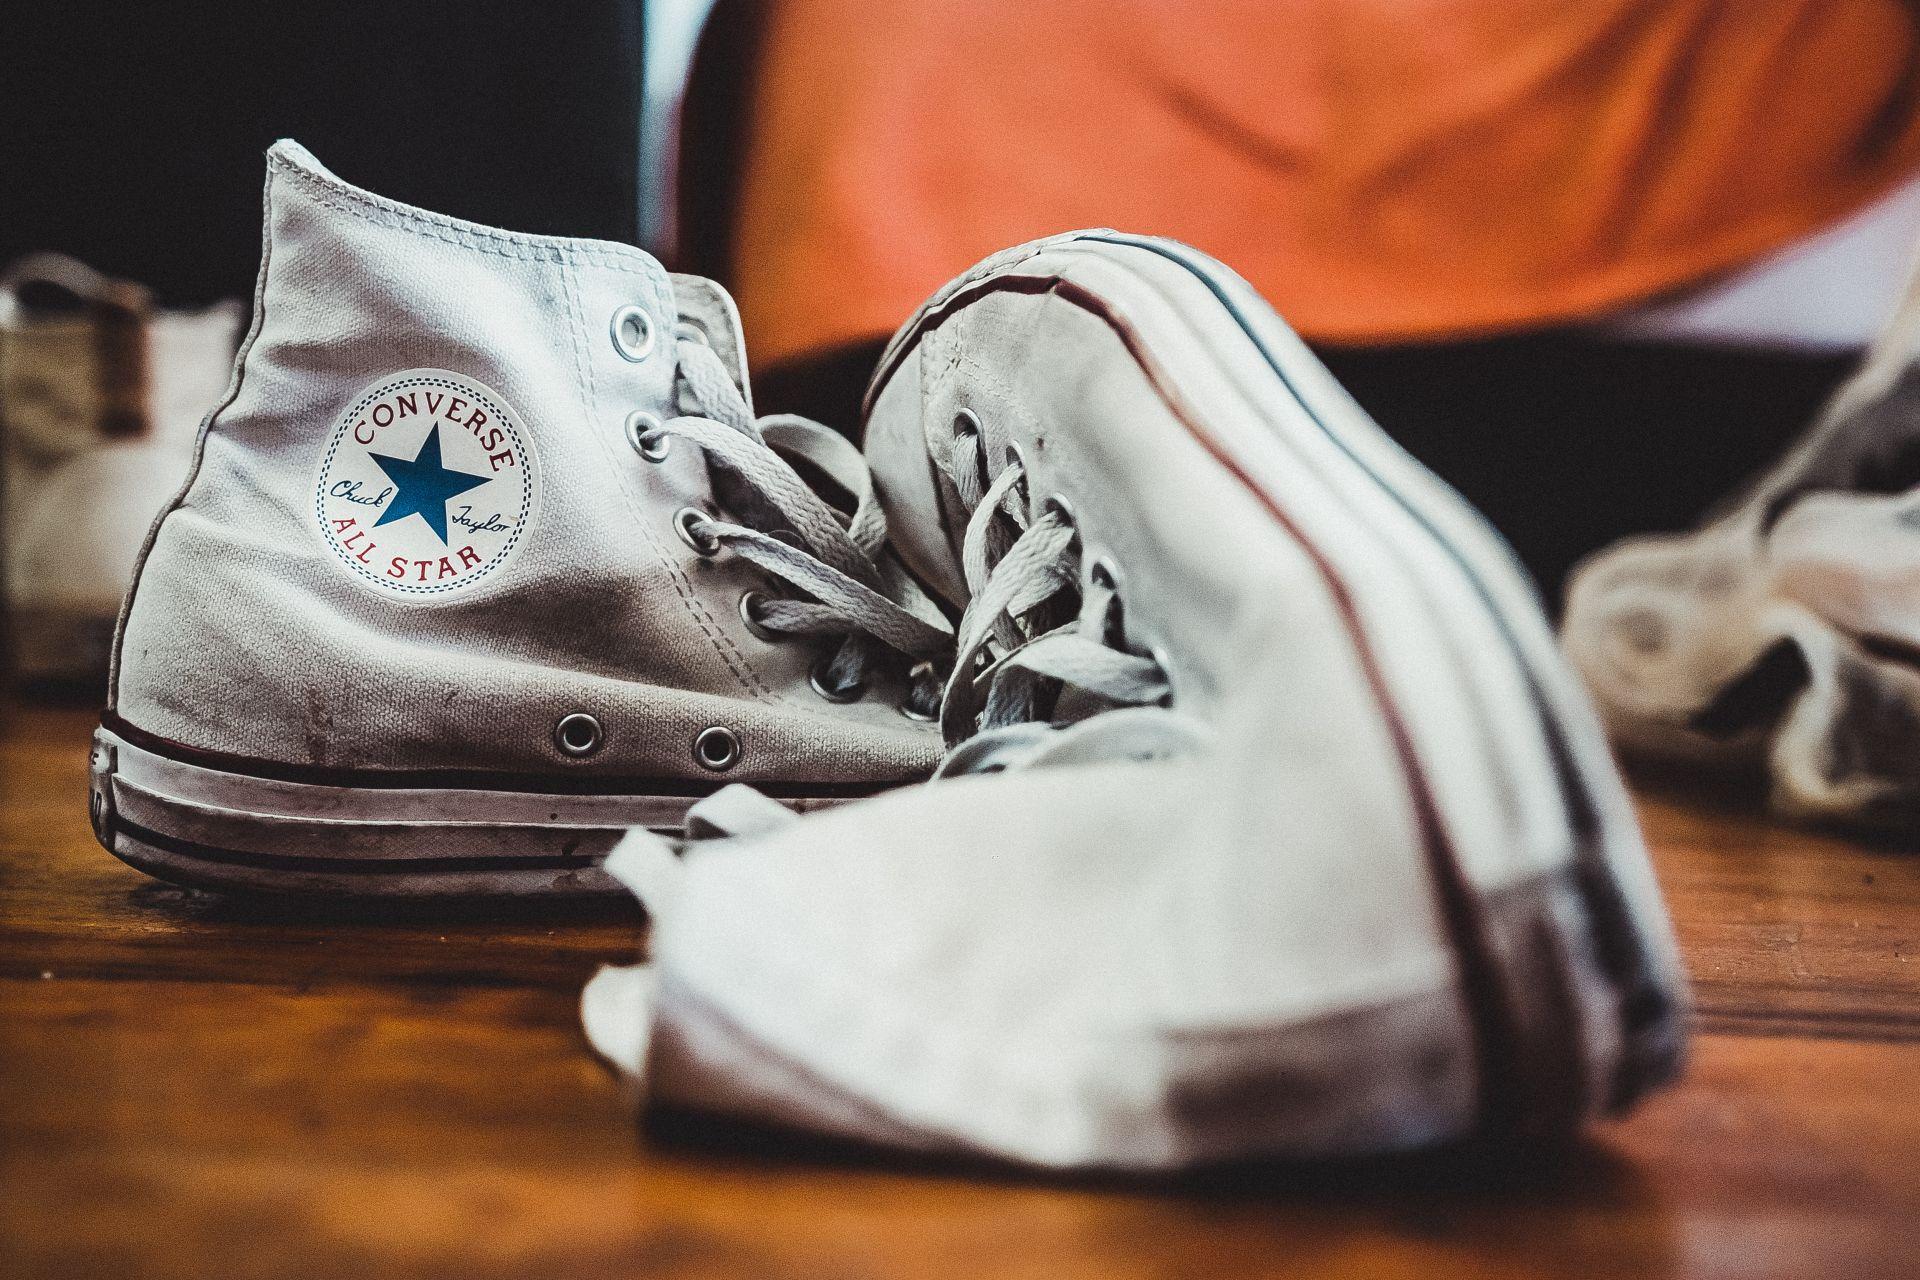 Valkoiset Converse -tennistossut lattialla.